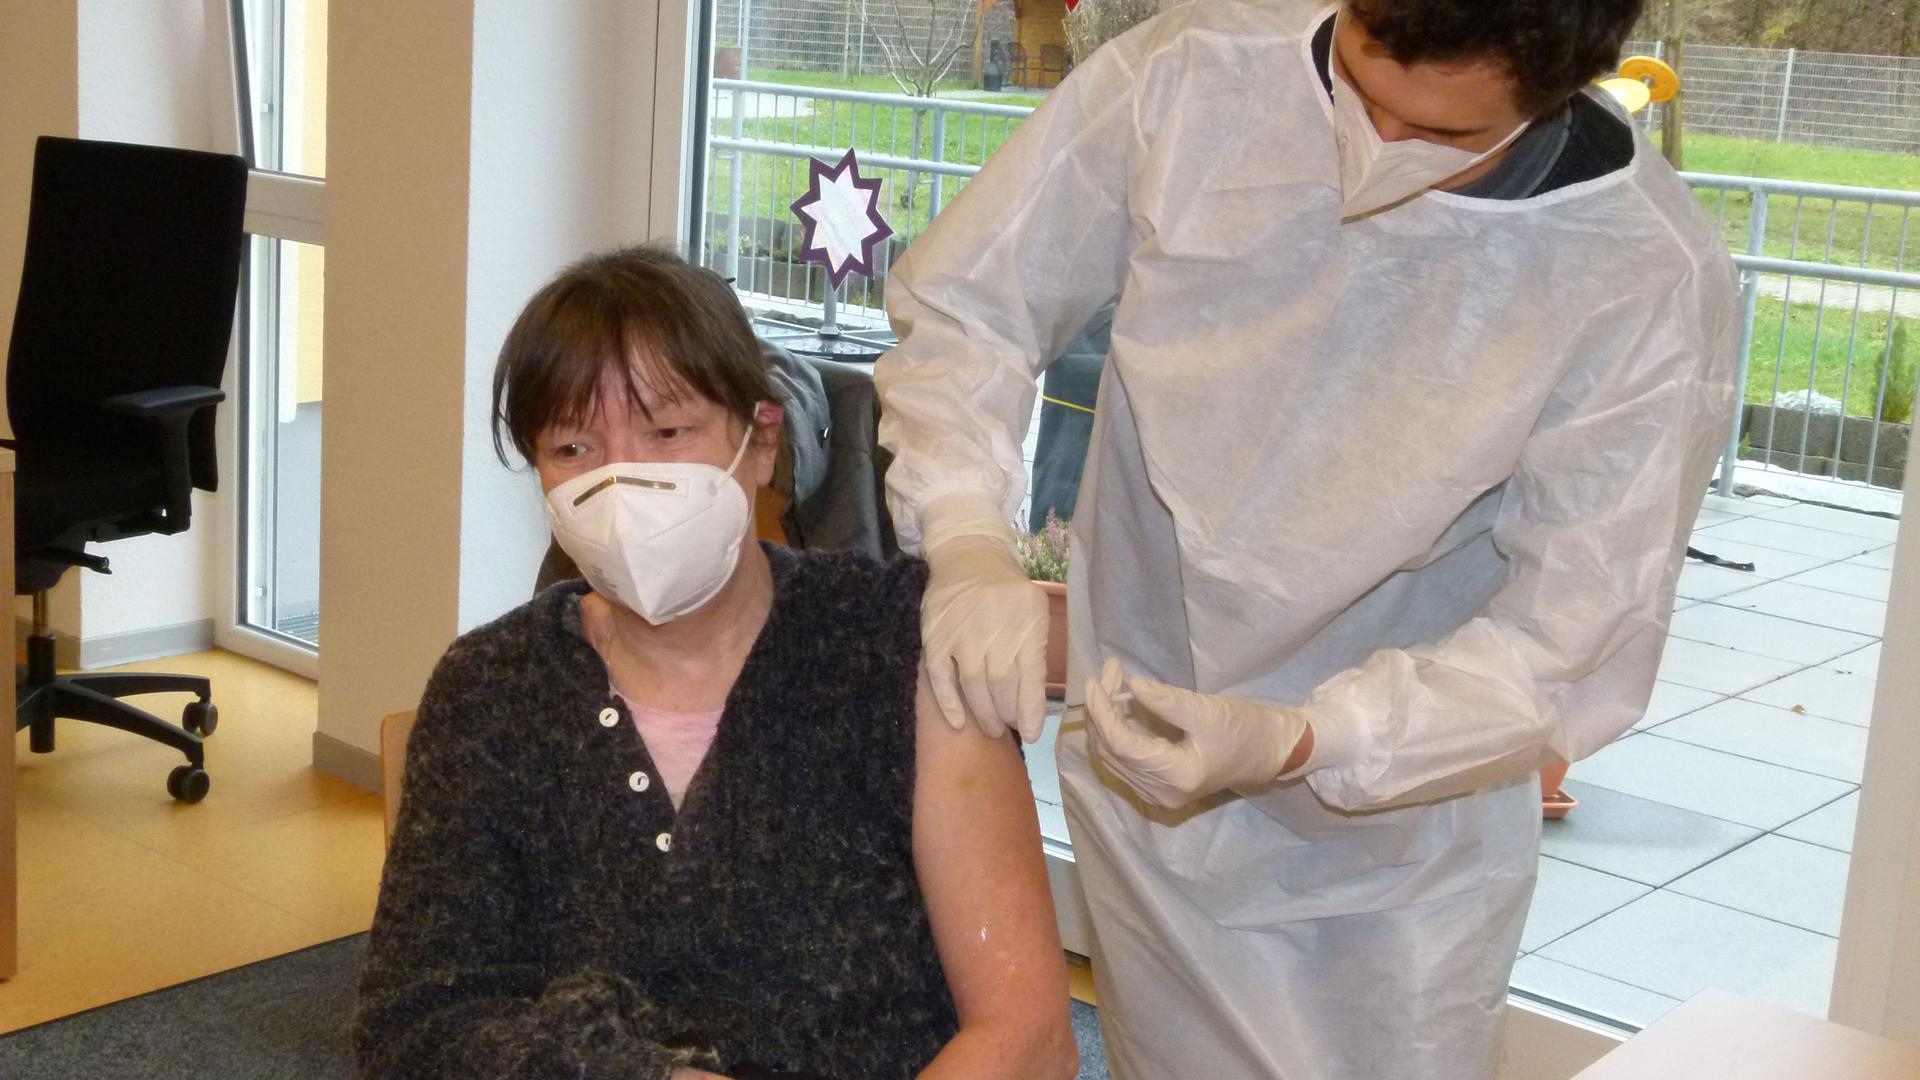 Angelika Müller von der Nachtwache im Wohnheim der Lebenshilfe Bruchsal-Bretten ist die Erste, die eine Impfung gegen Corona erhält.